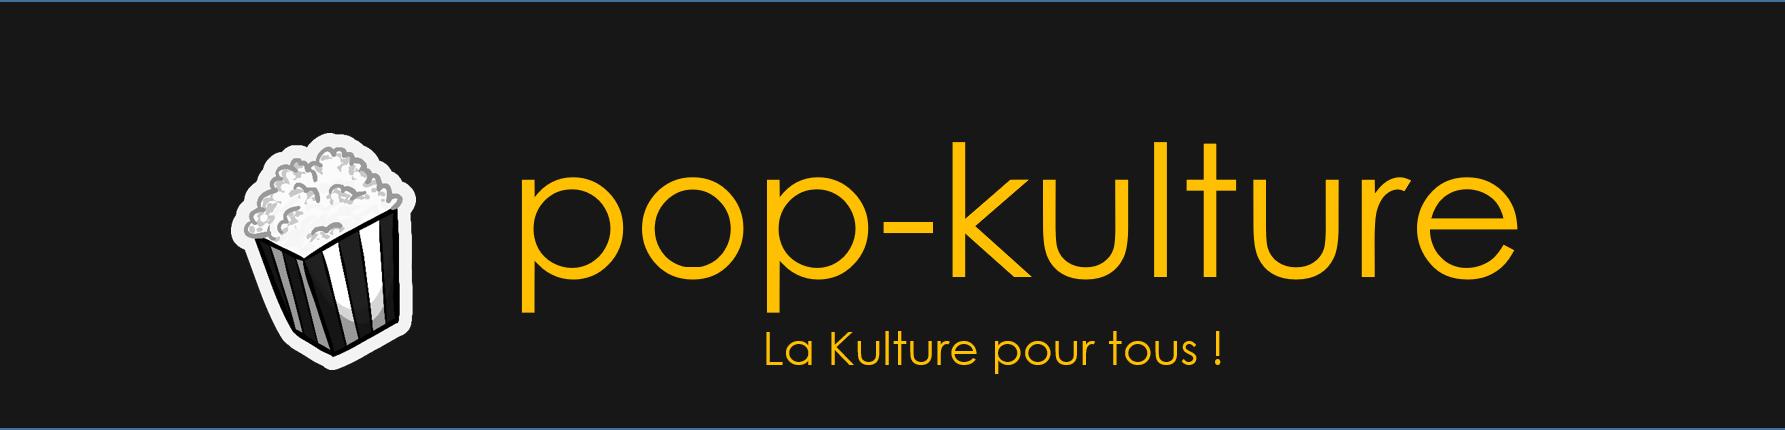 Pop-kulture, le magazine culturel qui ne se prend pas au sérieux